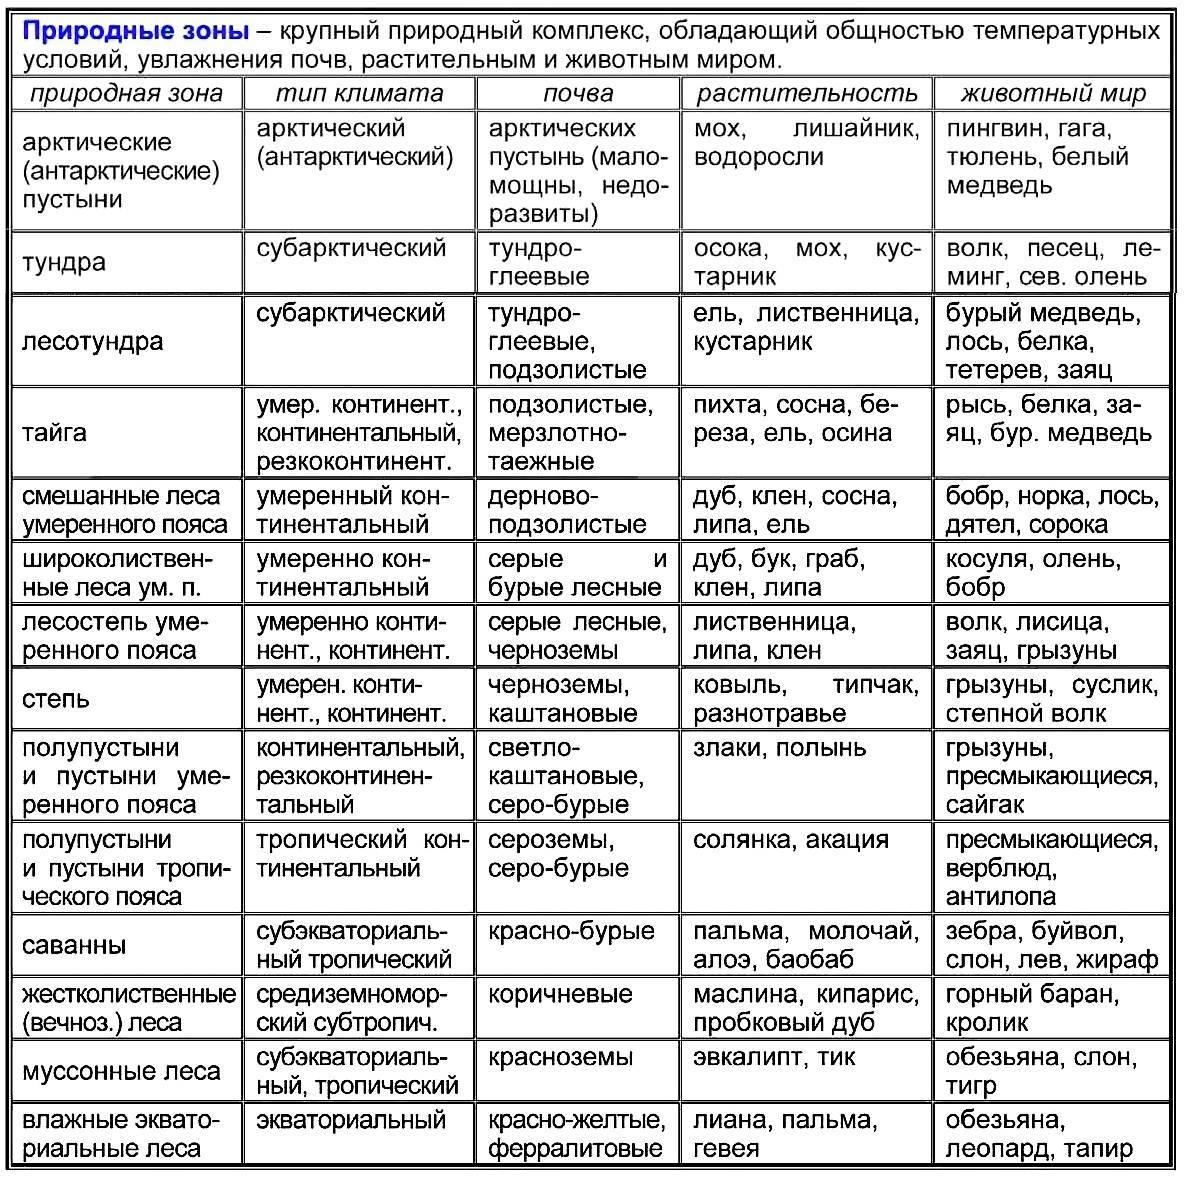 Природная зональность таблица